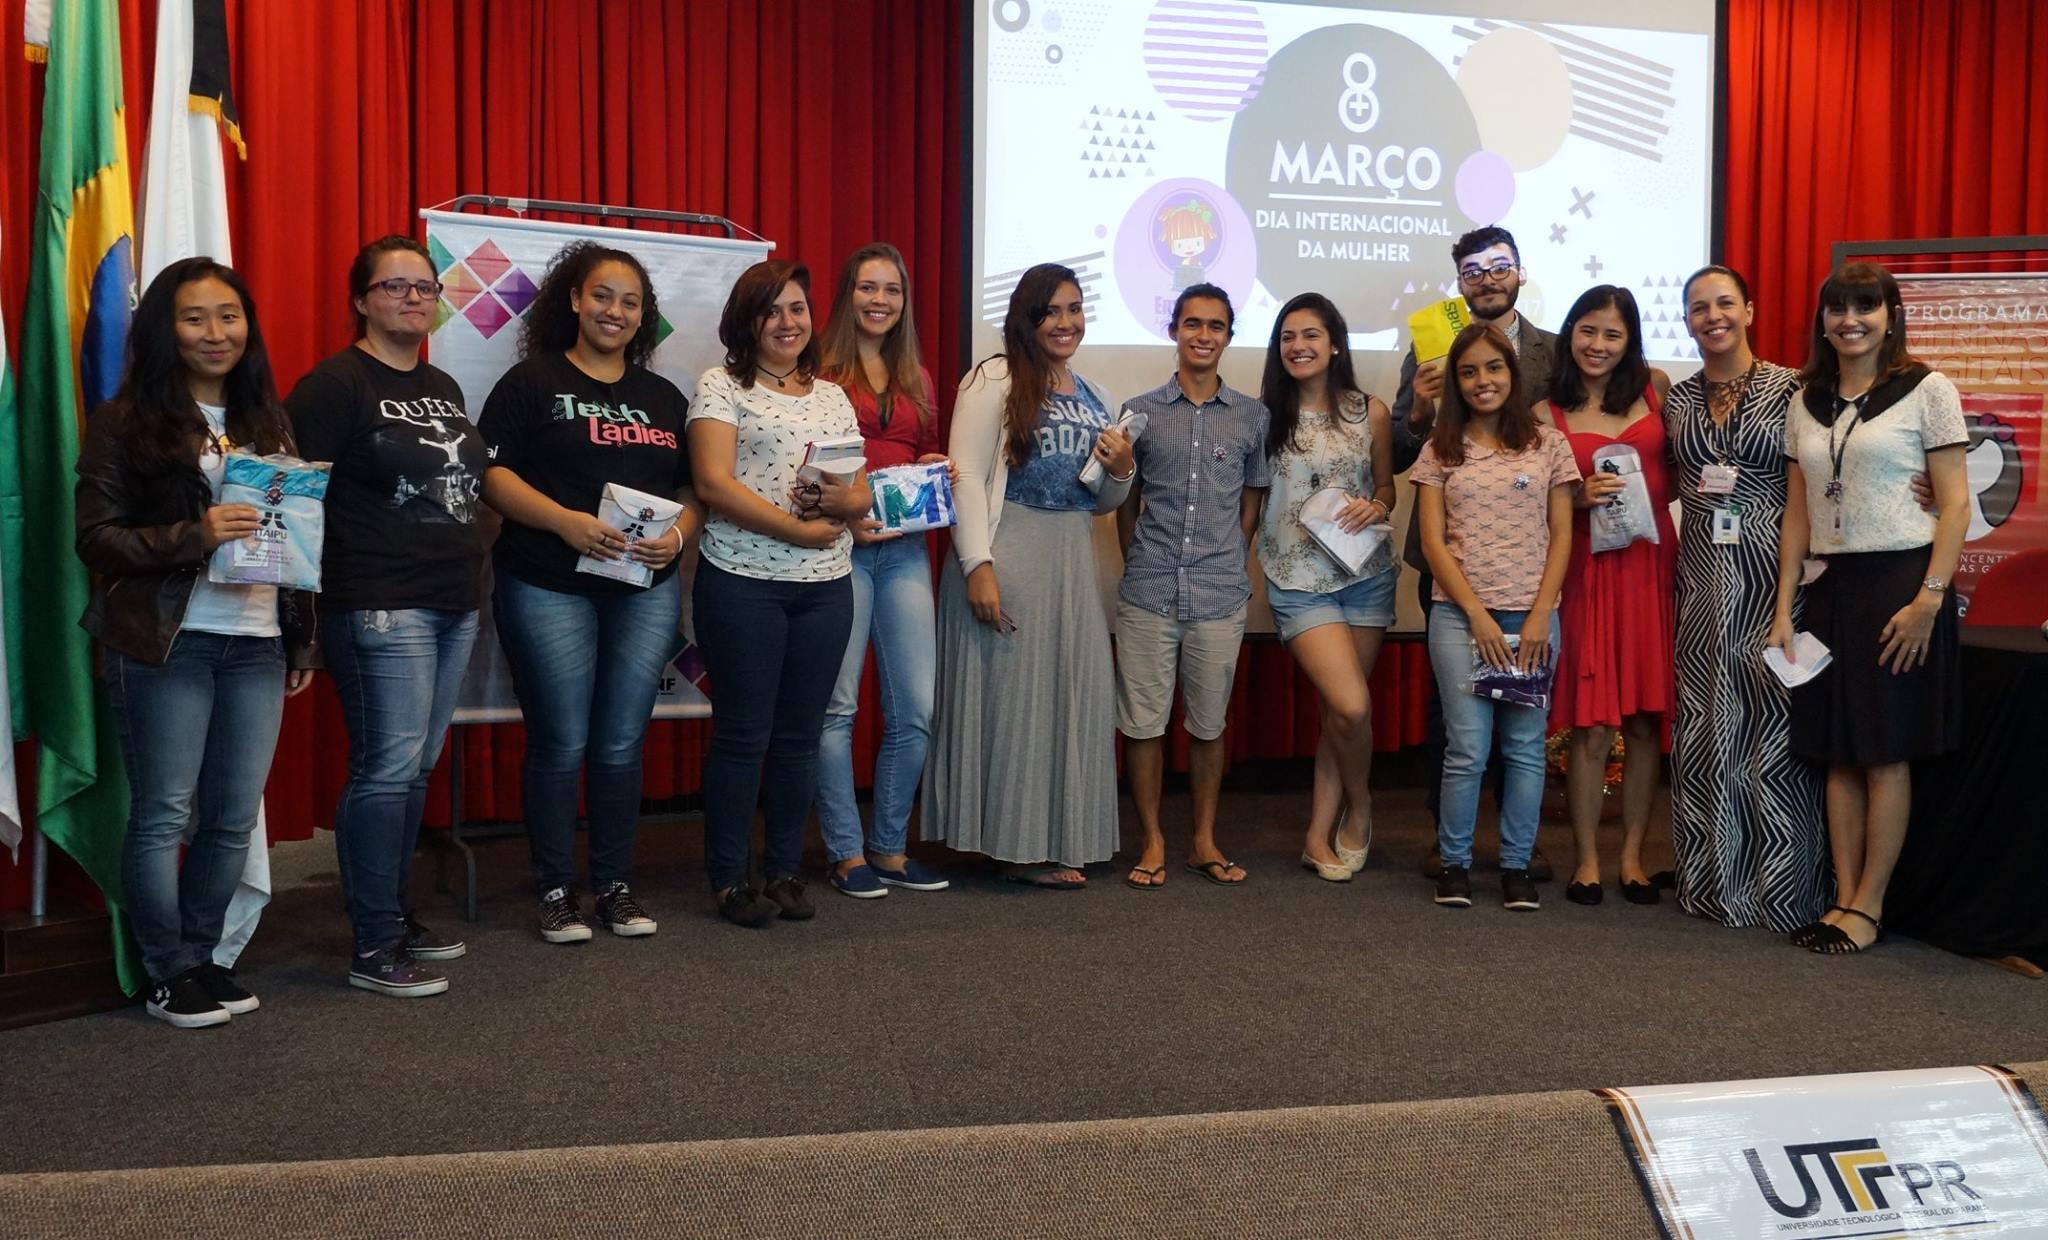 Projetos do Meninas Digitais promovem eventos em lembrança ao Dia Internacional da Mulher no mês de março